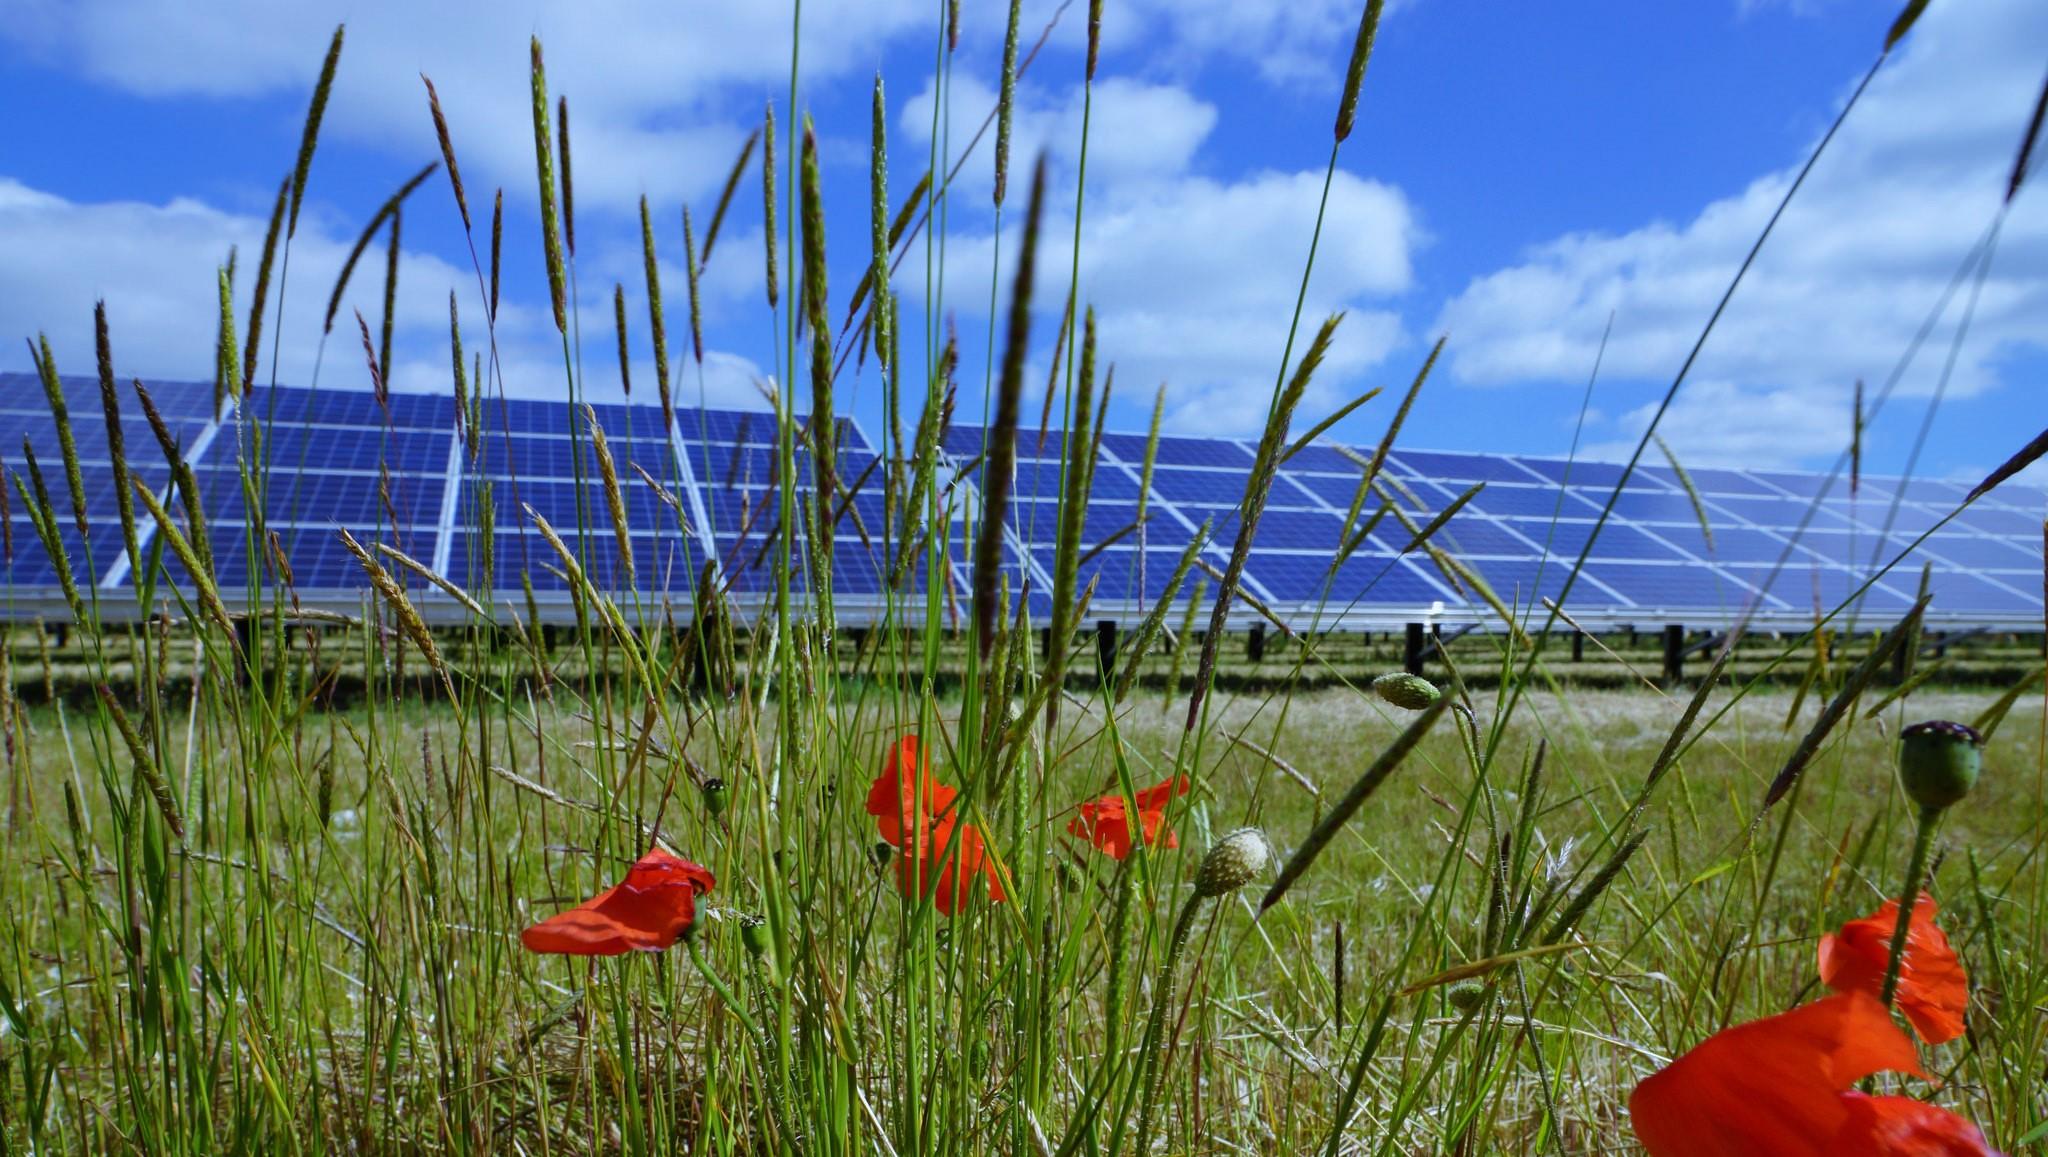 energia-fotovoltaica-sustentavel-1